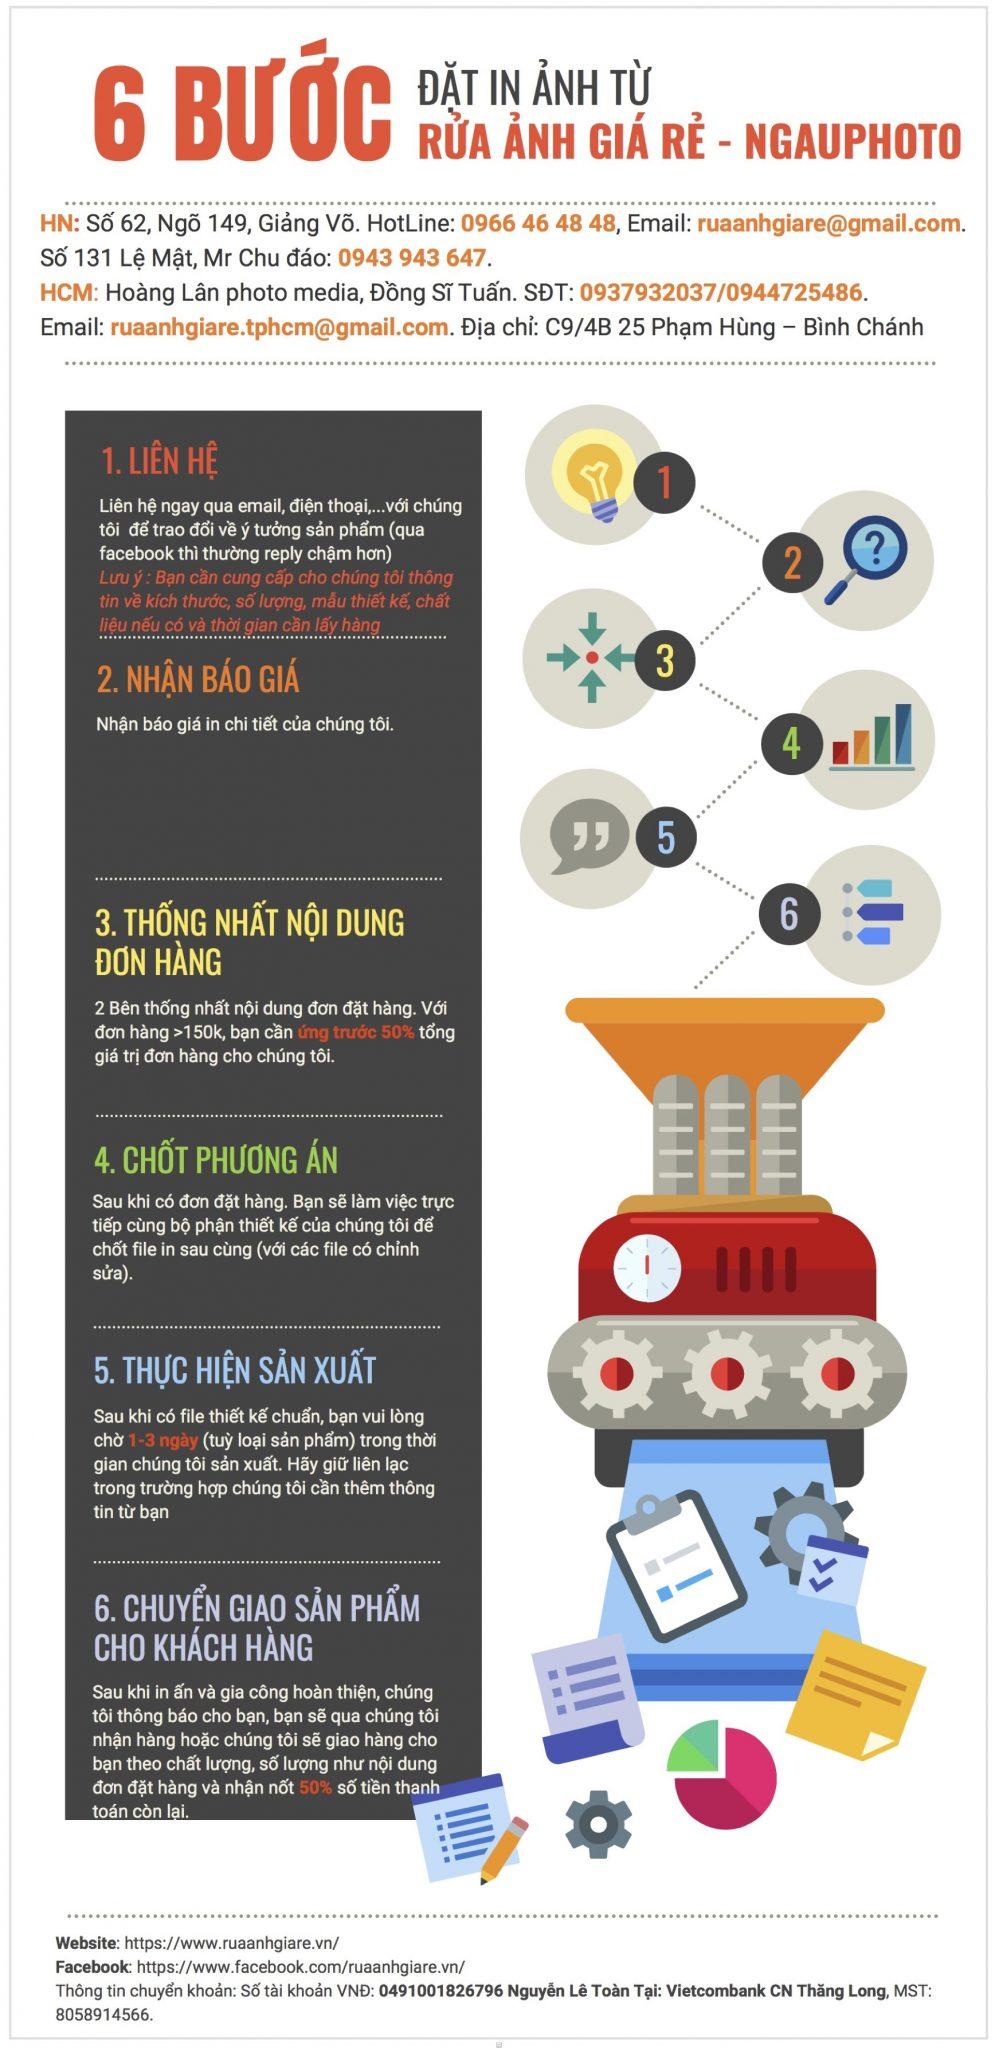 6 bước đặt in ảnh từ Rửa ảnh giá rẻ